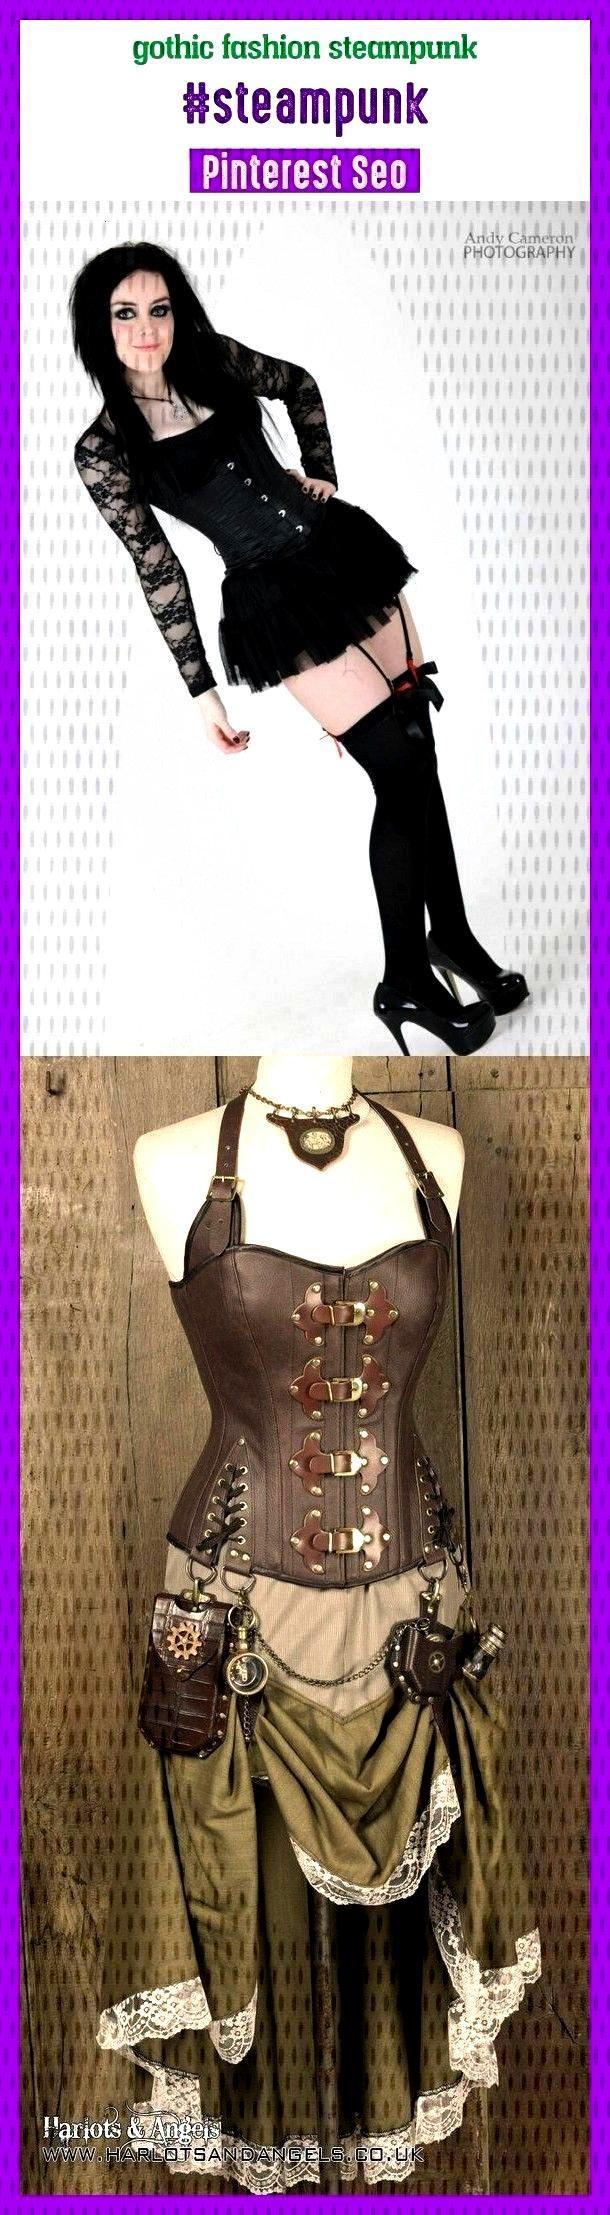 Gothic fashion steampunk gothic fashion casual, gothic fashion modern, gothic fashion witches, goth